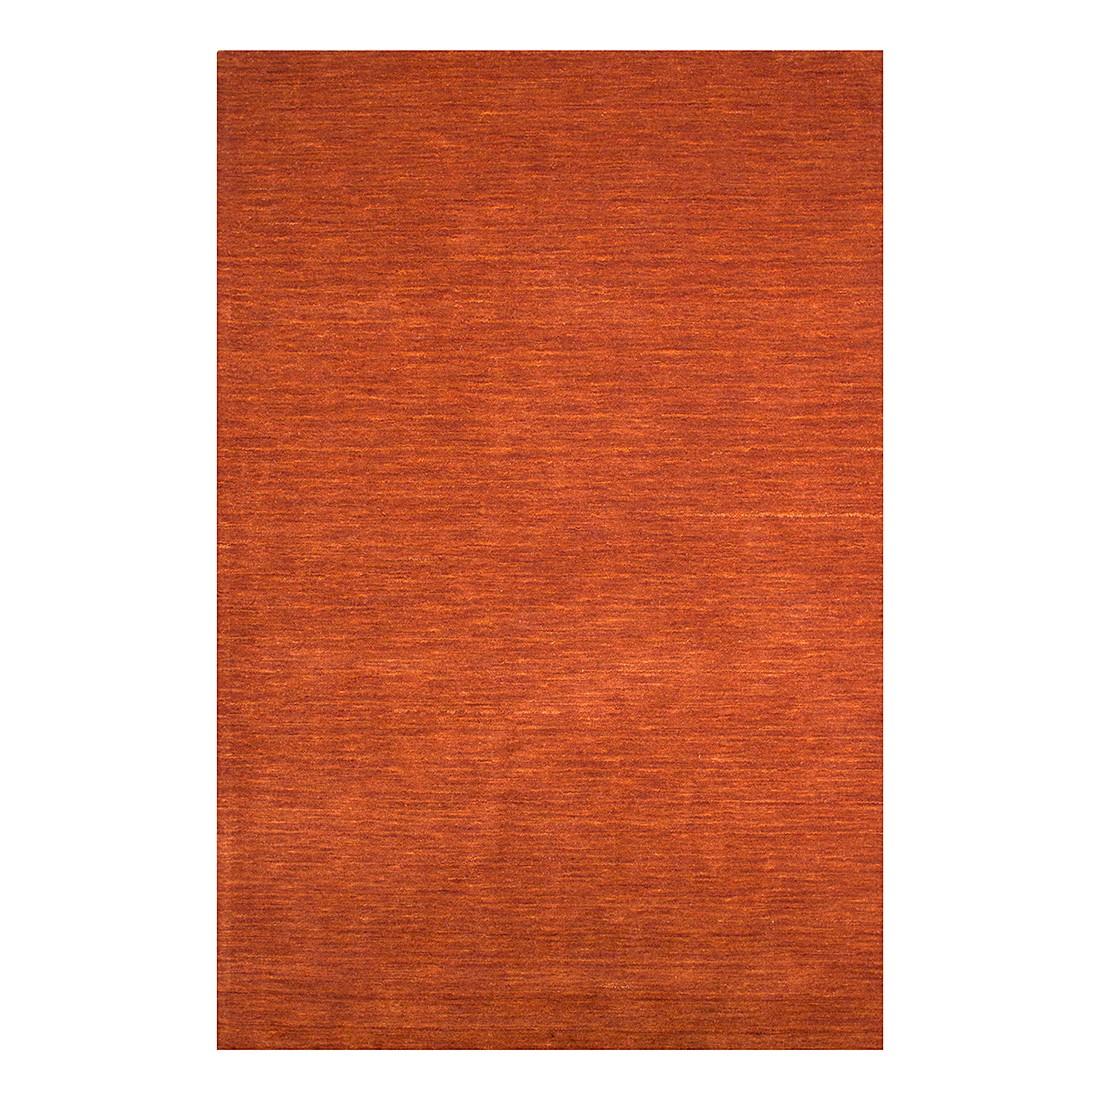 Teppich Prestige – Orange – 200 x 290 cm, Kayoom günstig kaufen